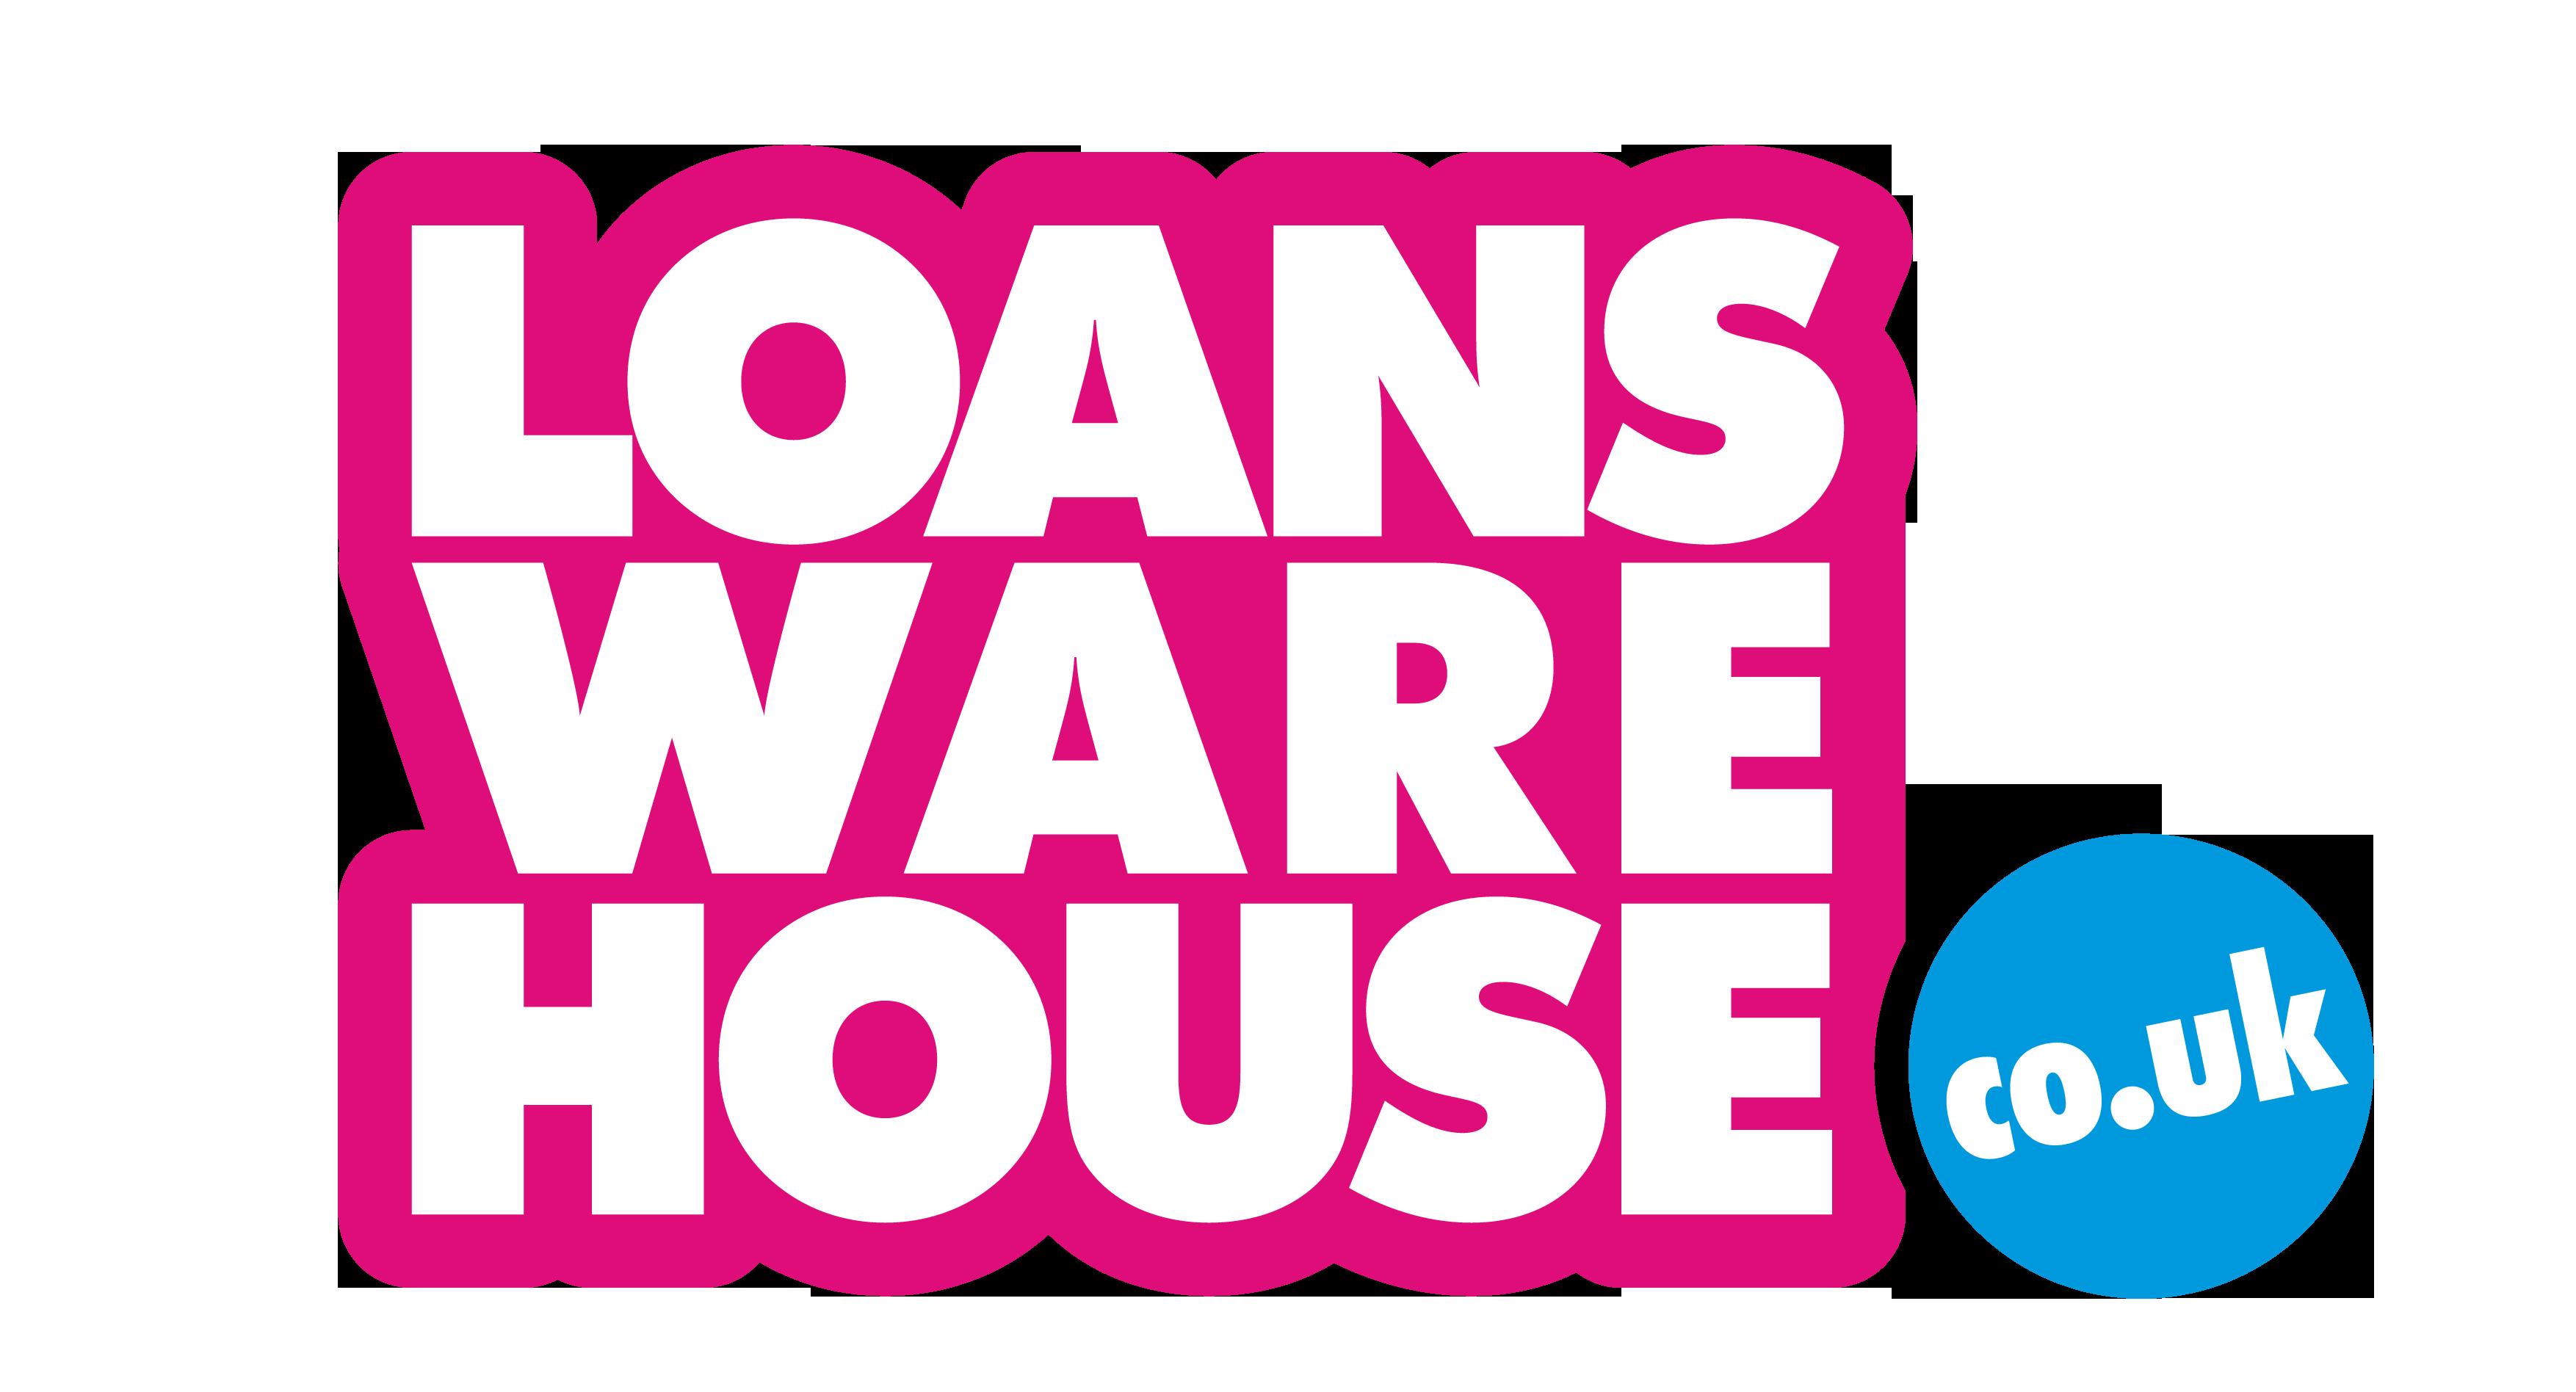 Loans Warehouse company logo